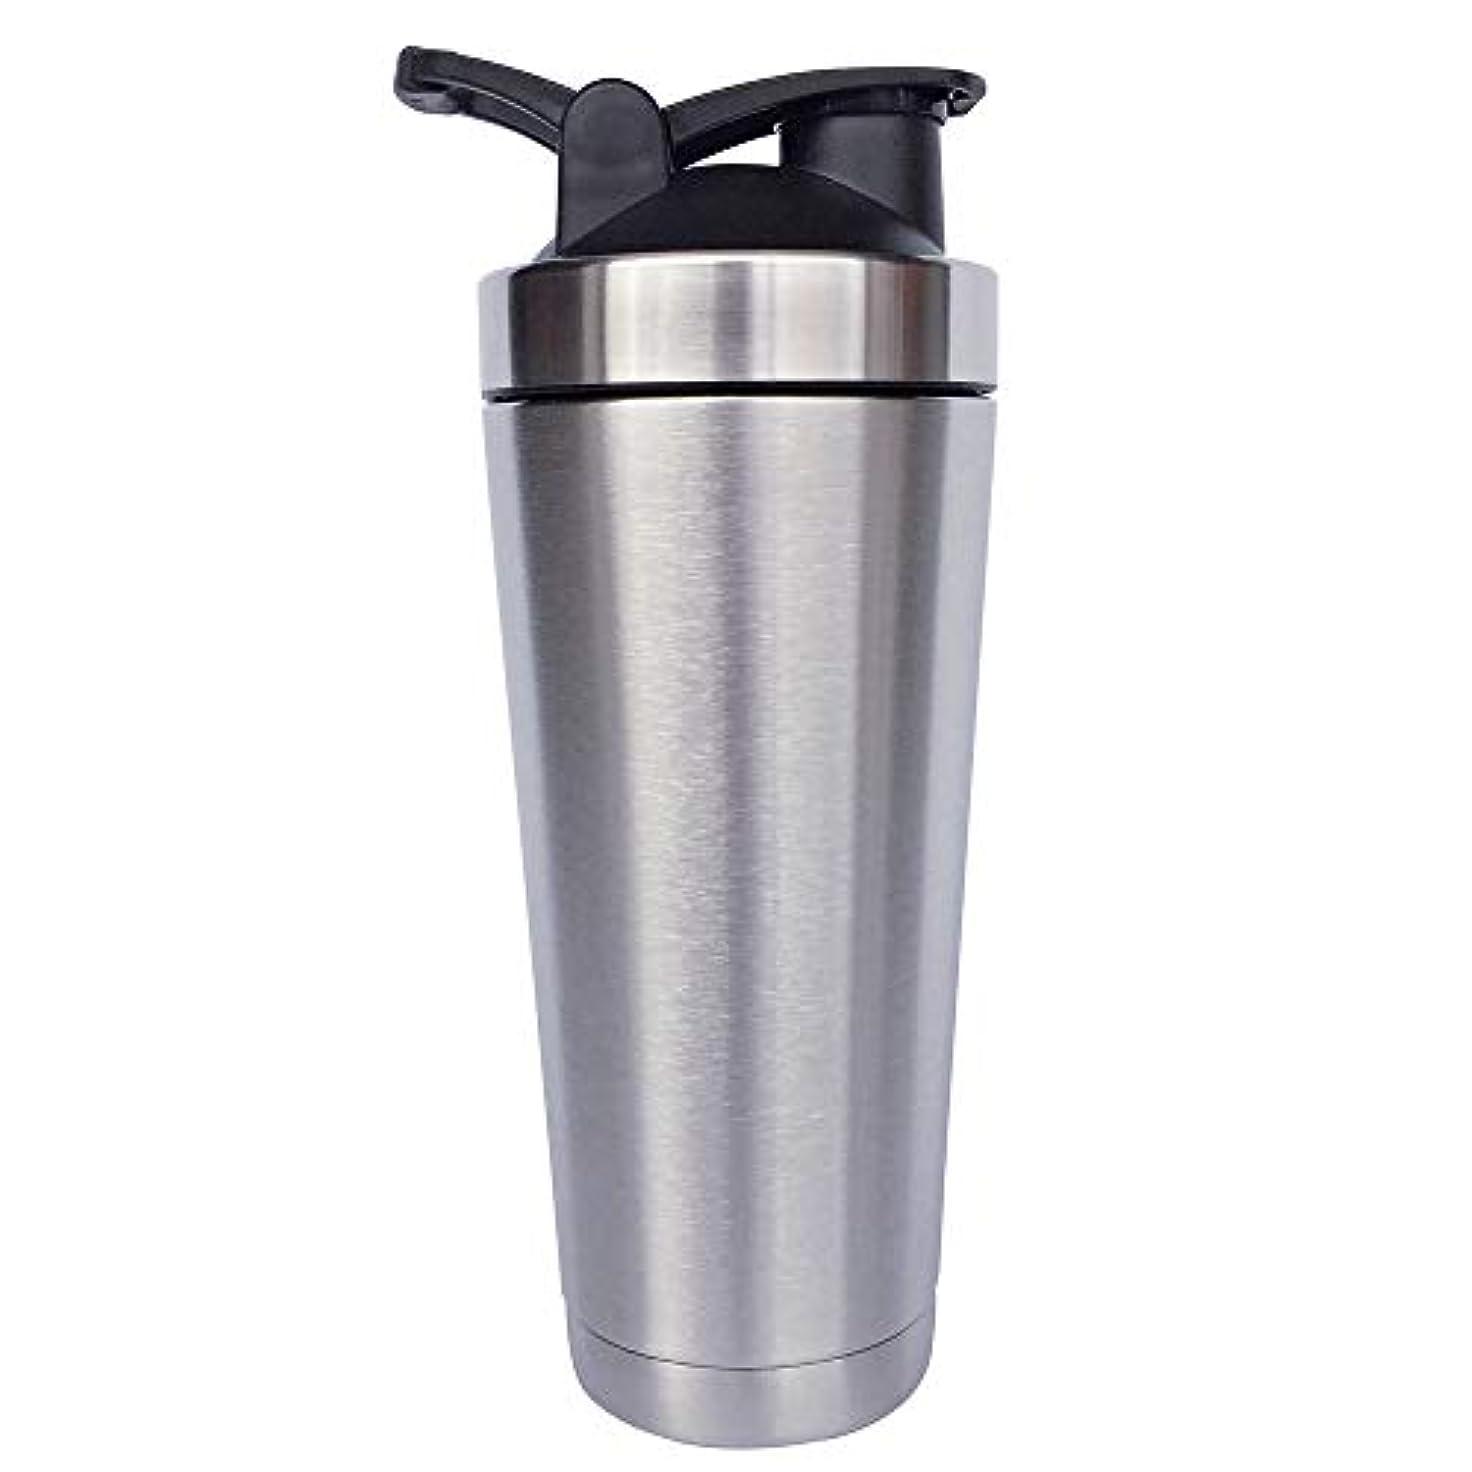 集める銀廃棄するシェーカーボトル-二重壁ステンレス鋼 & 真空断熱-時間のためのホットまたはコールドドリンクをキープ-臭気耐性抗菌汗プルーフ-環境にやさしい無毒 (銀),720ml